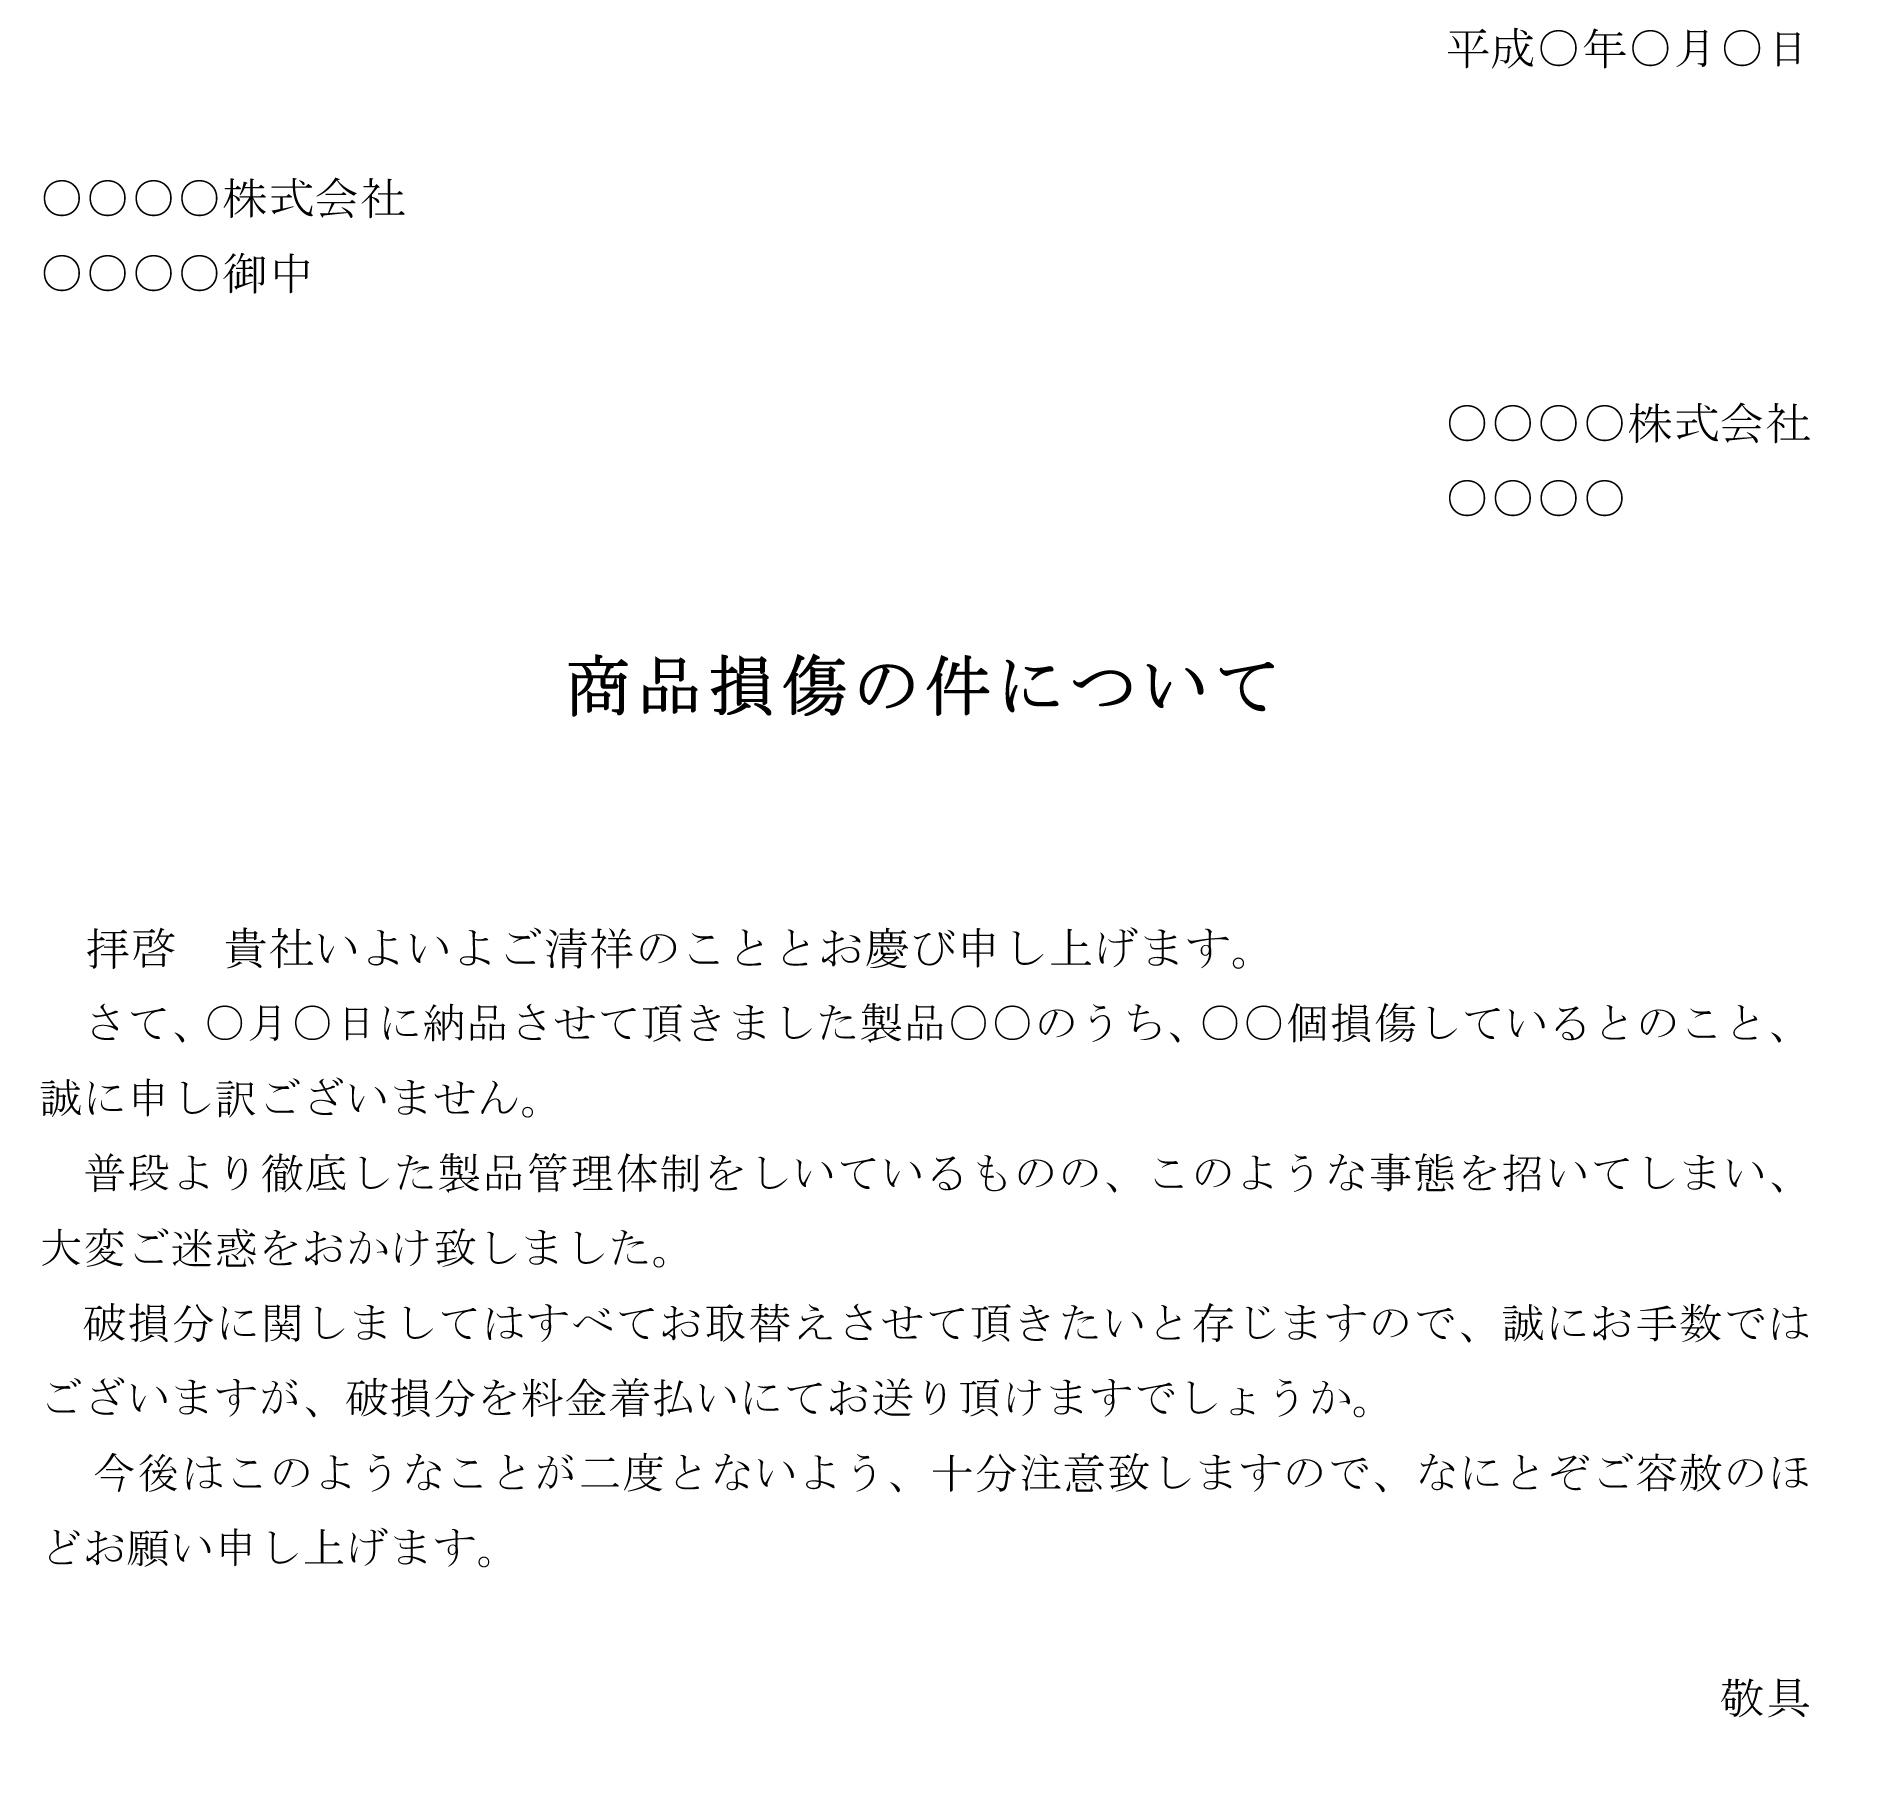 お詫び状(商品損傷)